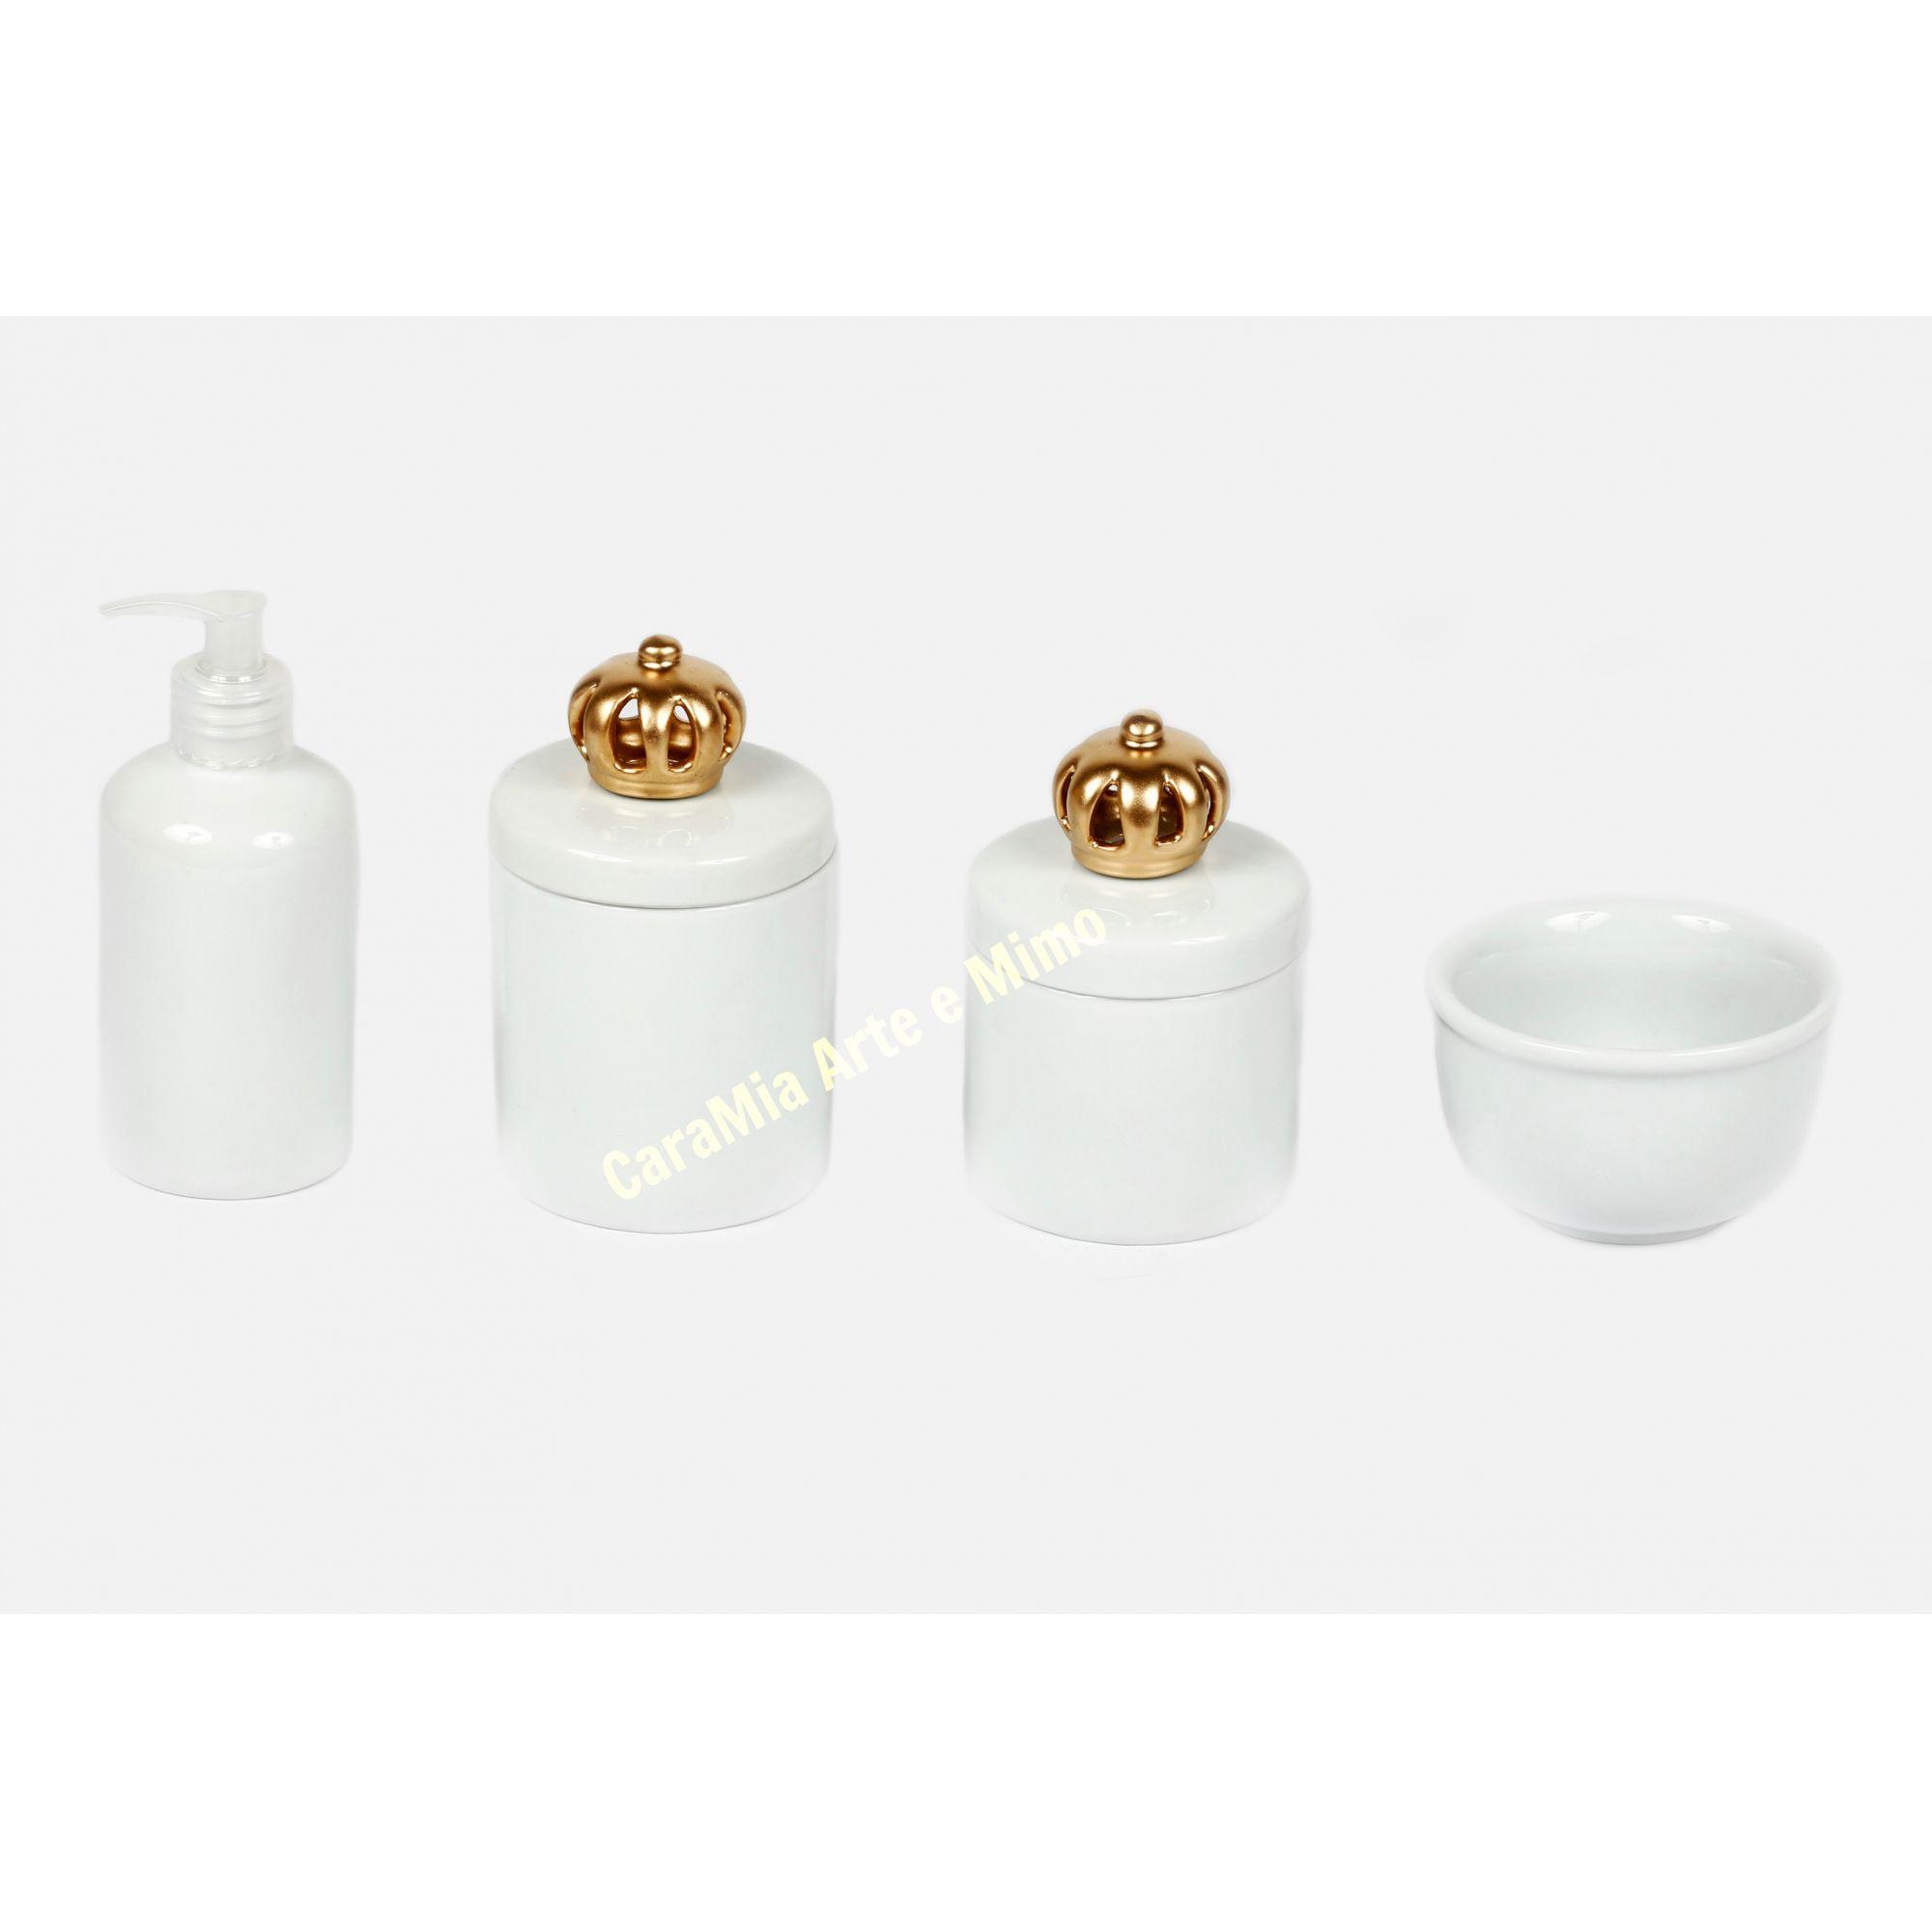 Kit Higiene Bebê Porcelana Branca com Coroa Dourada| 4 peças